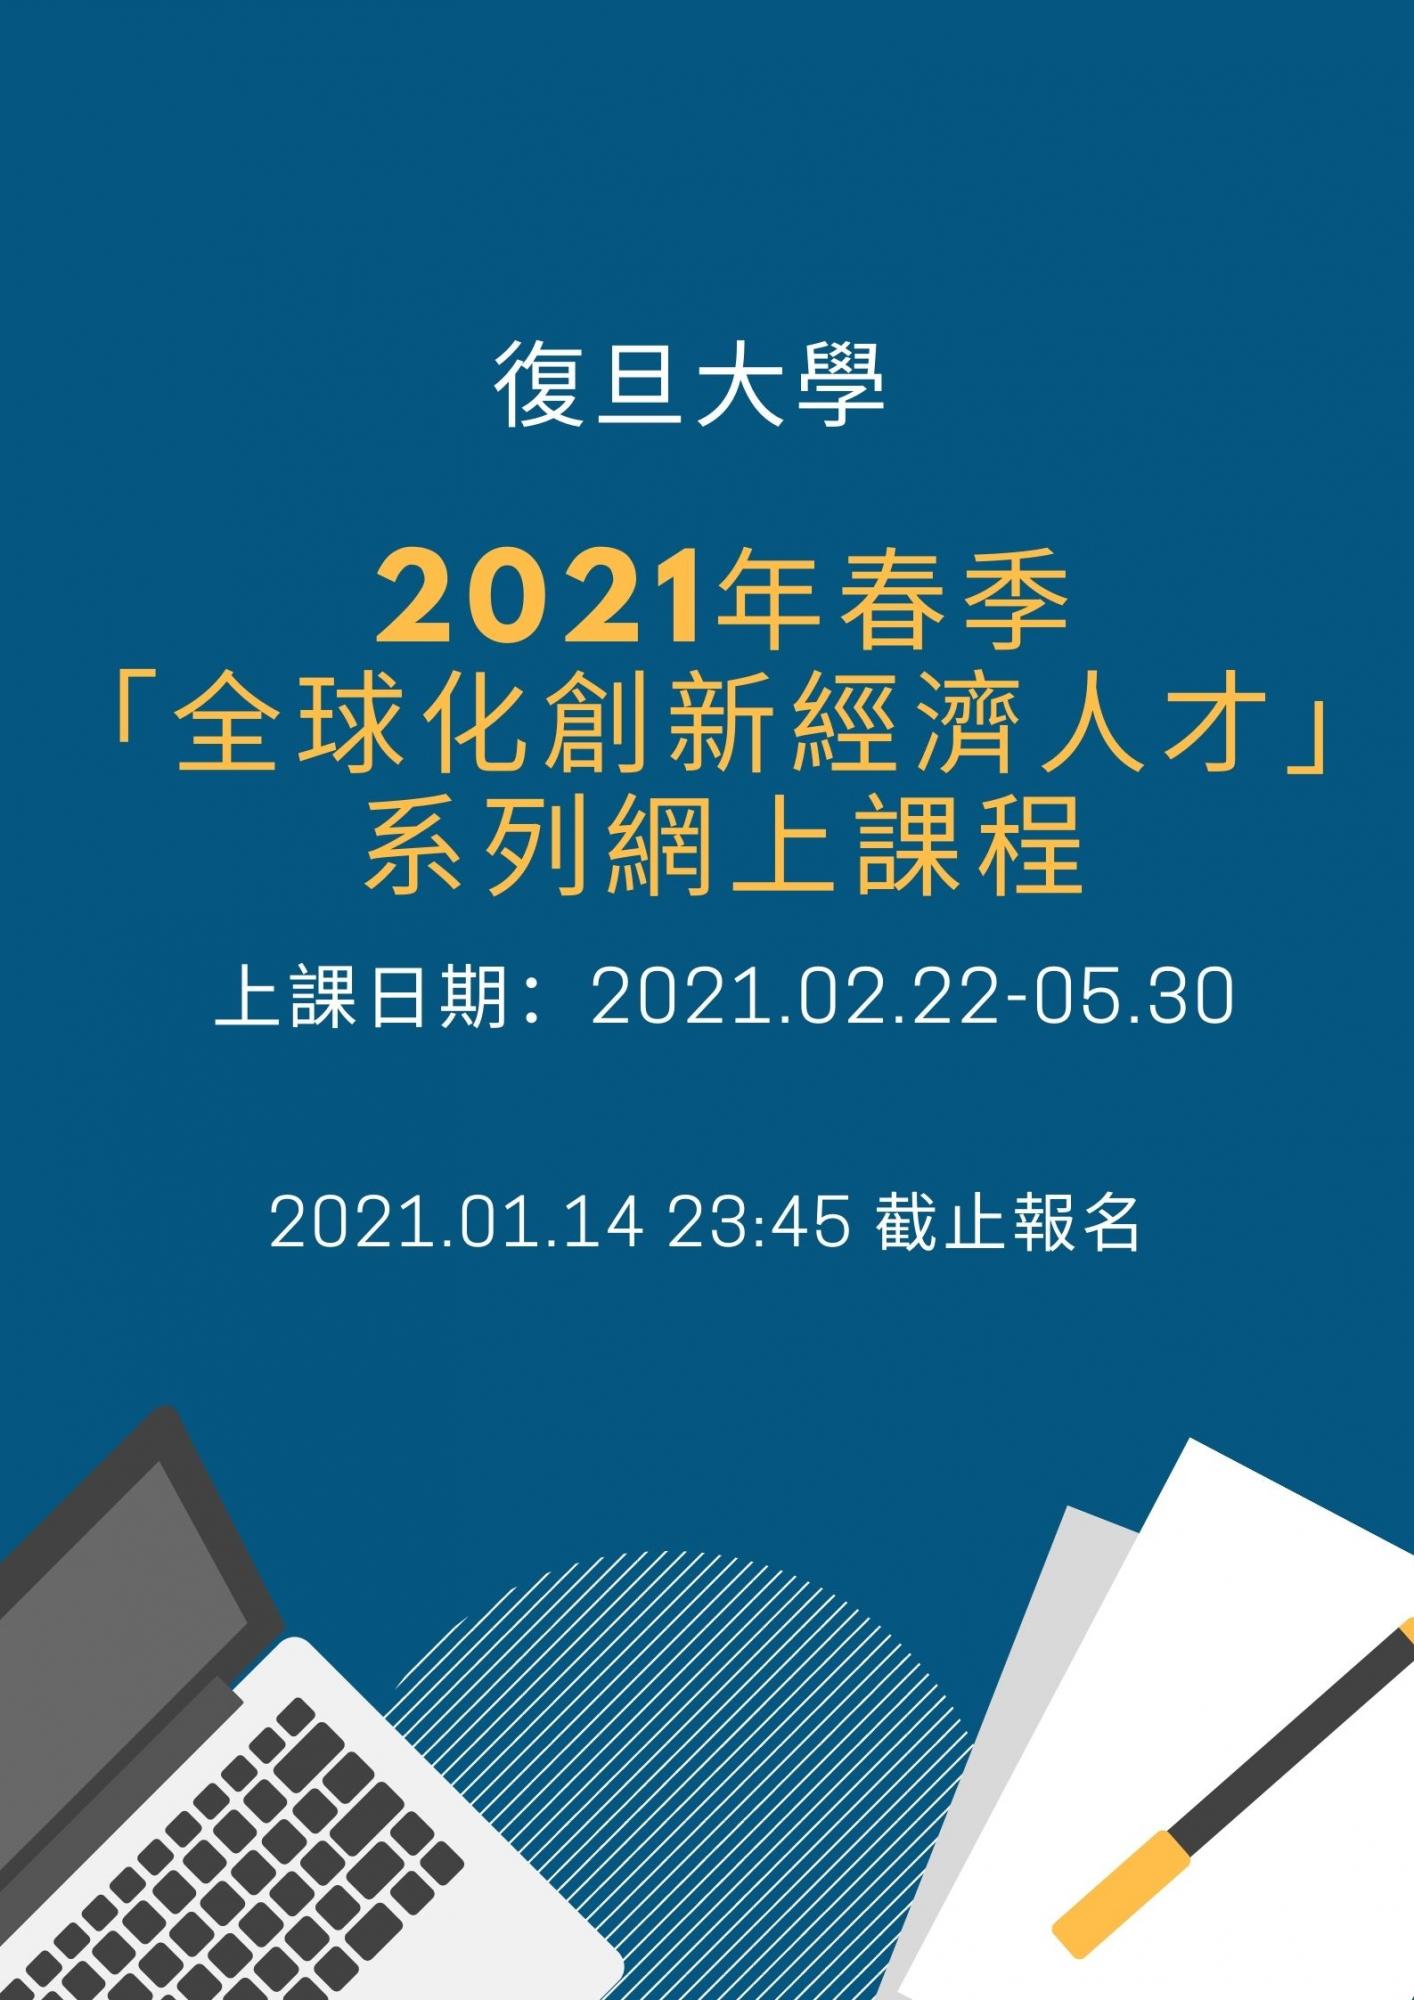 復旦大學2021年春季「全球化創新經濟人才」系列網上課程